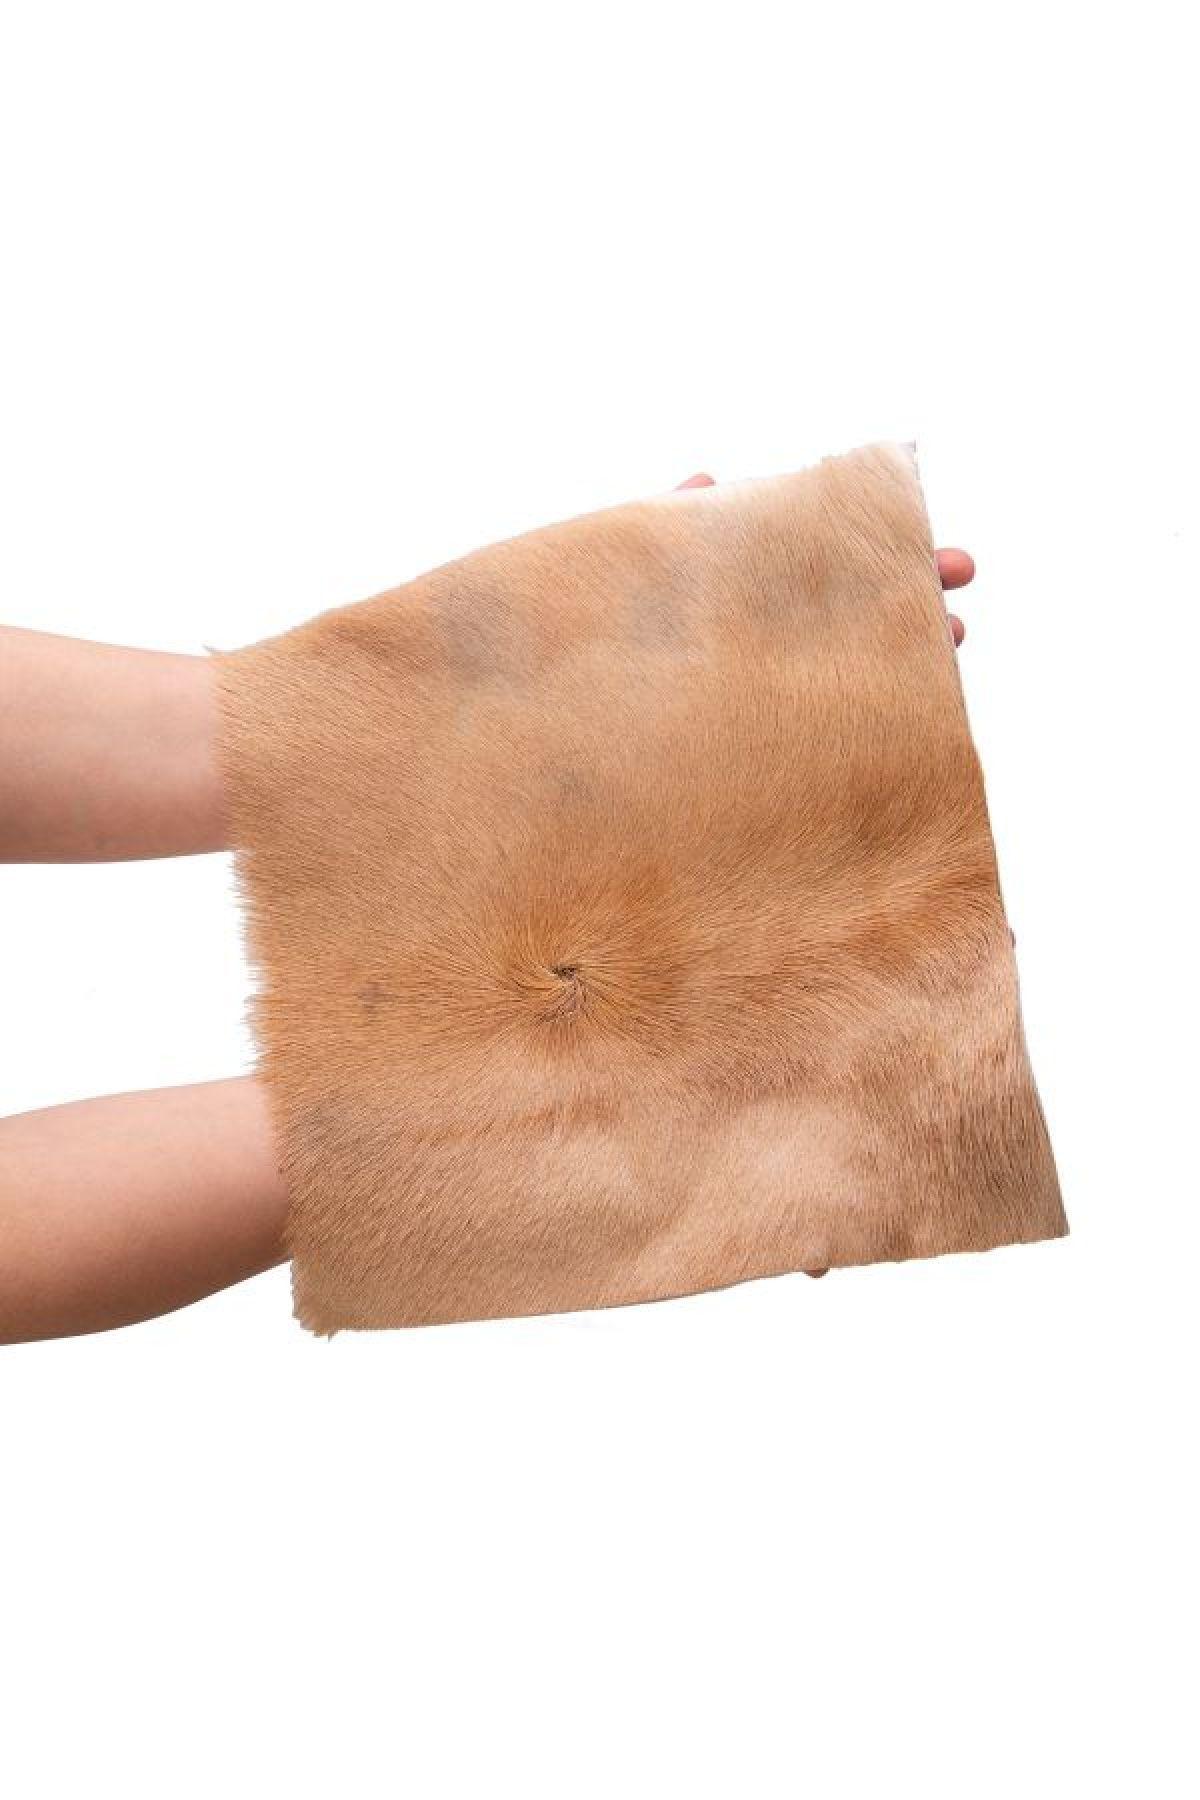 Erdogan Deri Genuine Gazelle Skin Piece 25x30 cm Natural